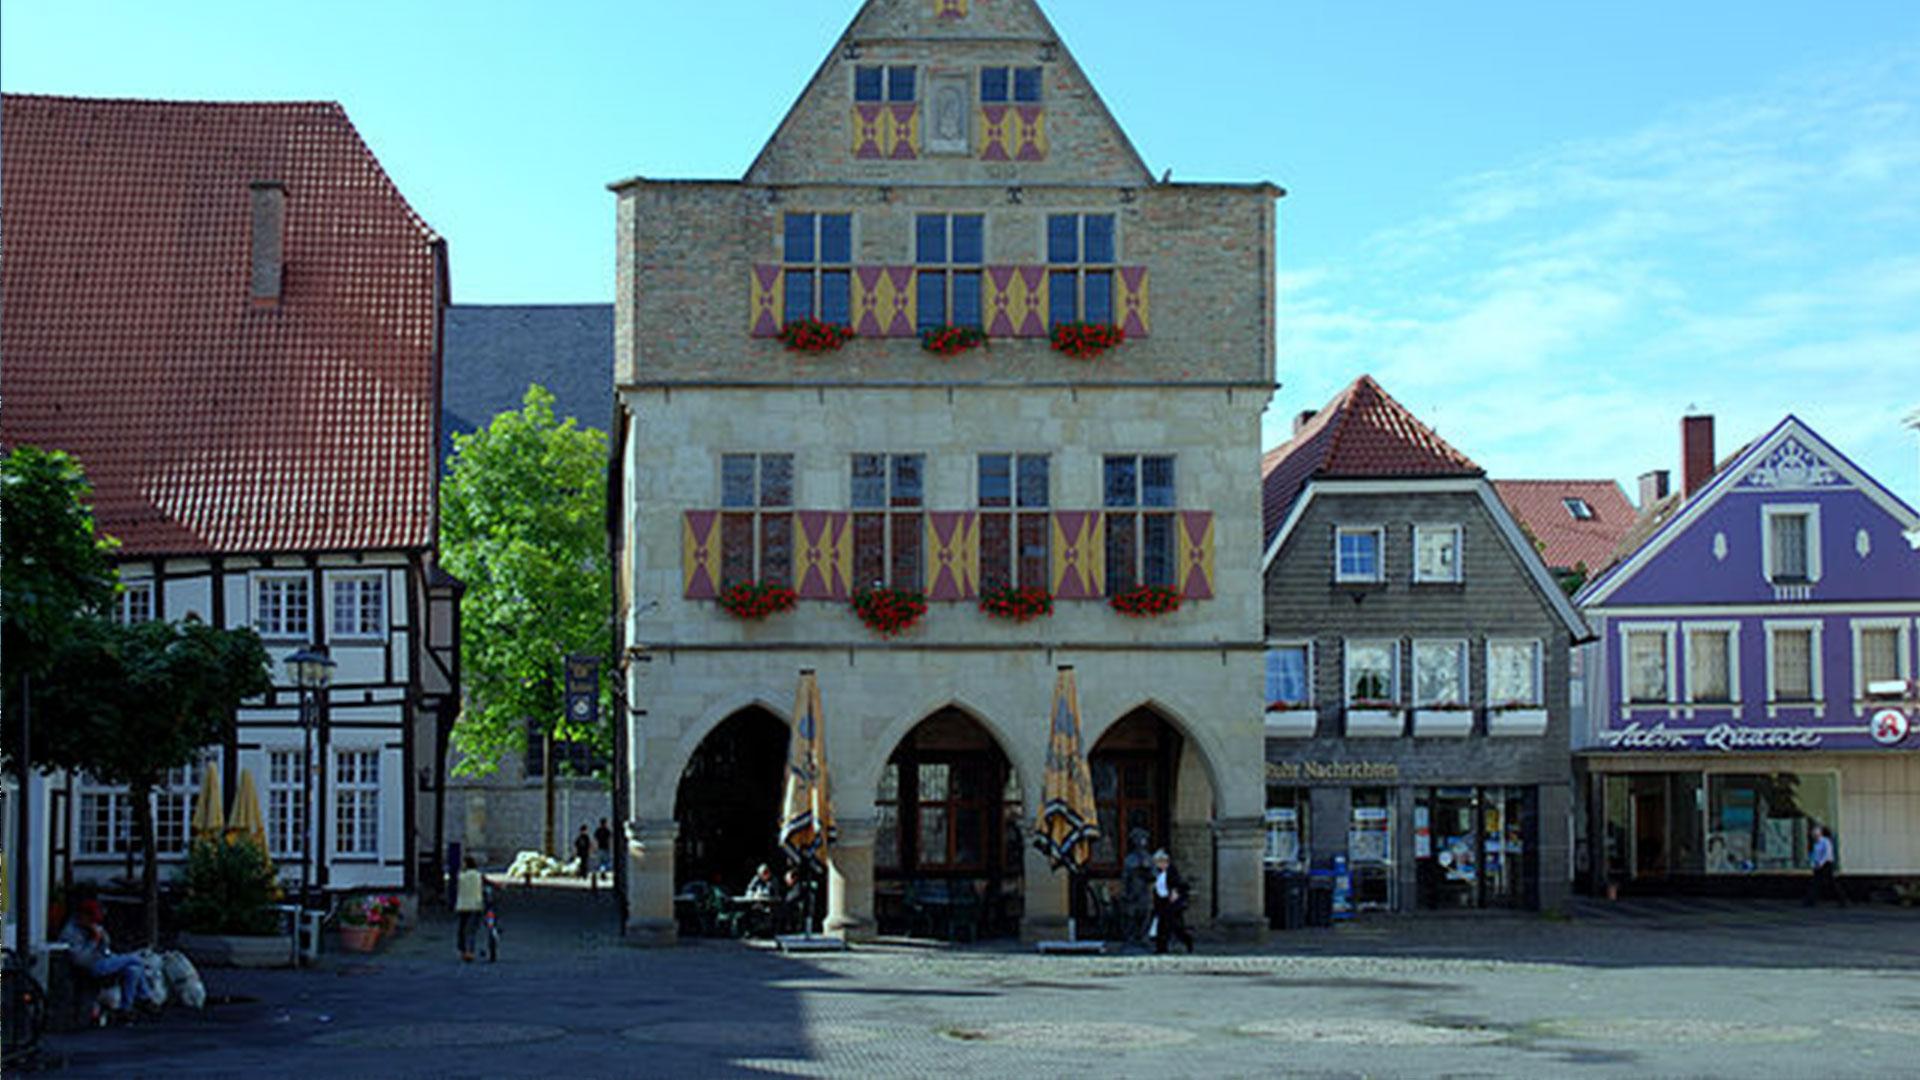 HOB Werne Deutschland (Germany)